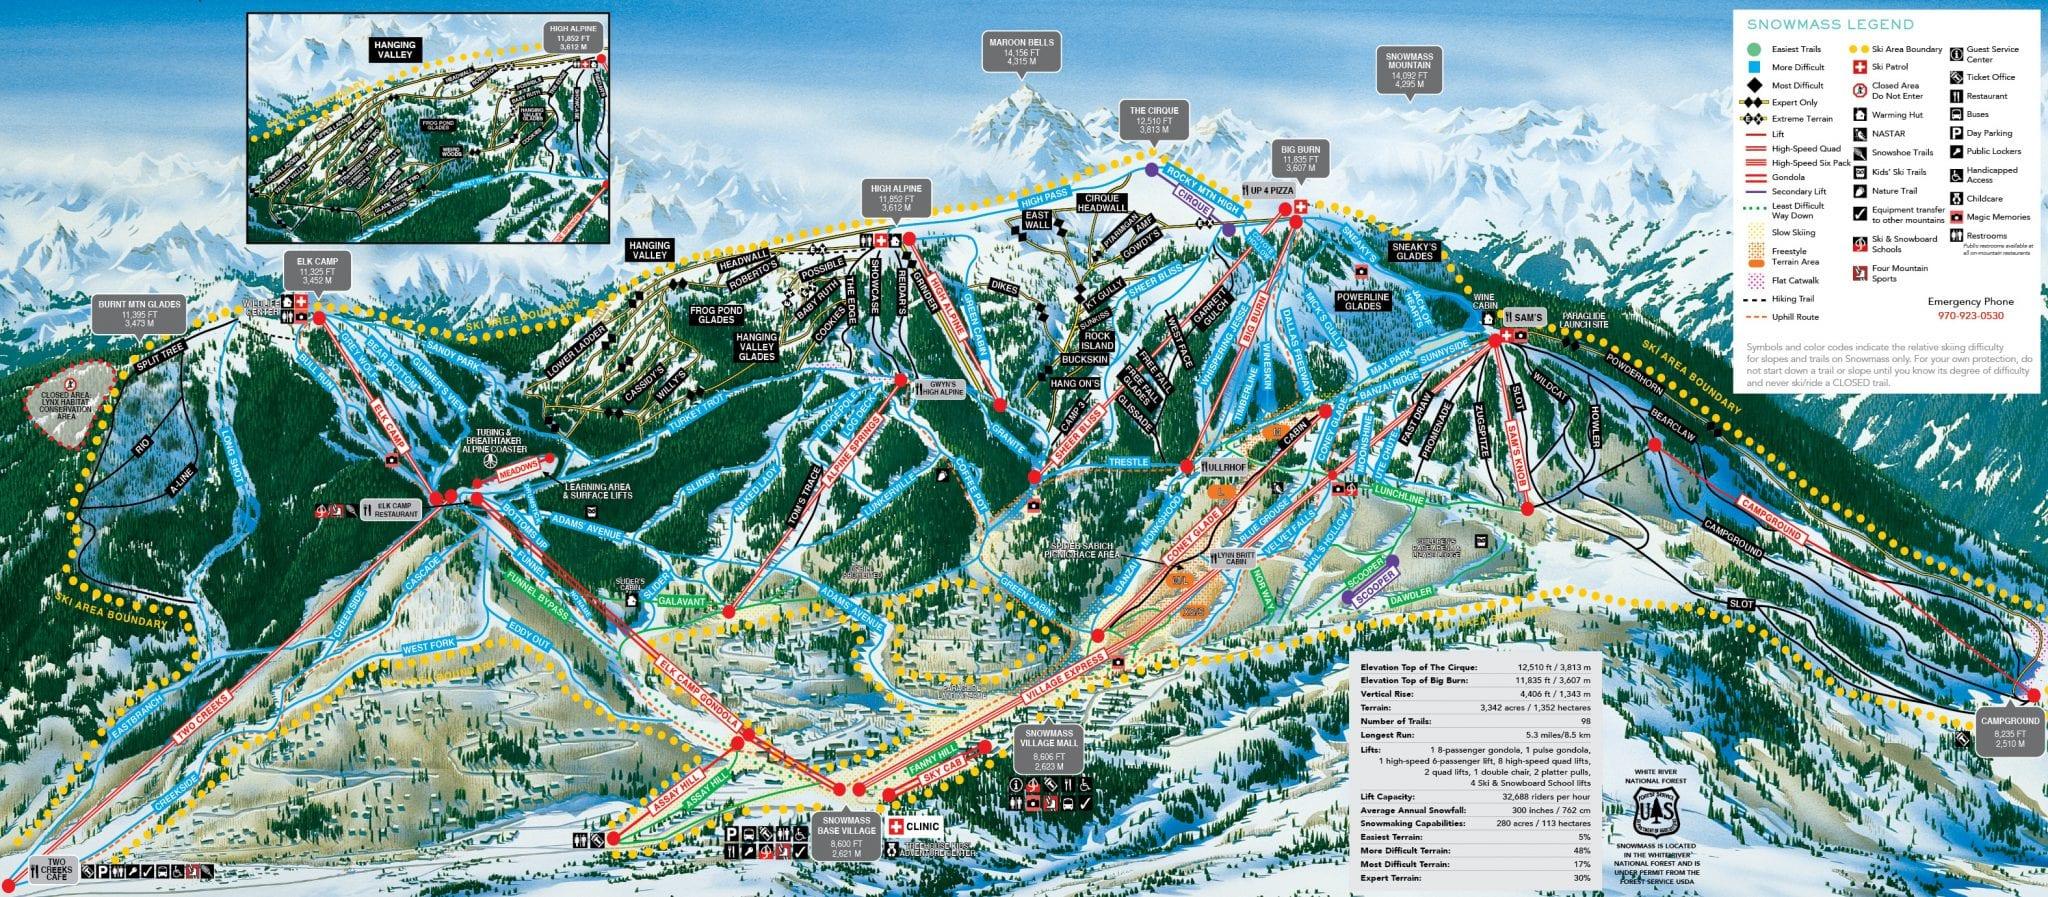 Snowmass Ski Resort Trail Map